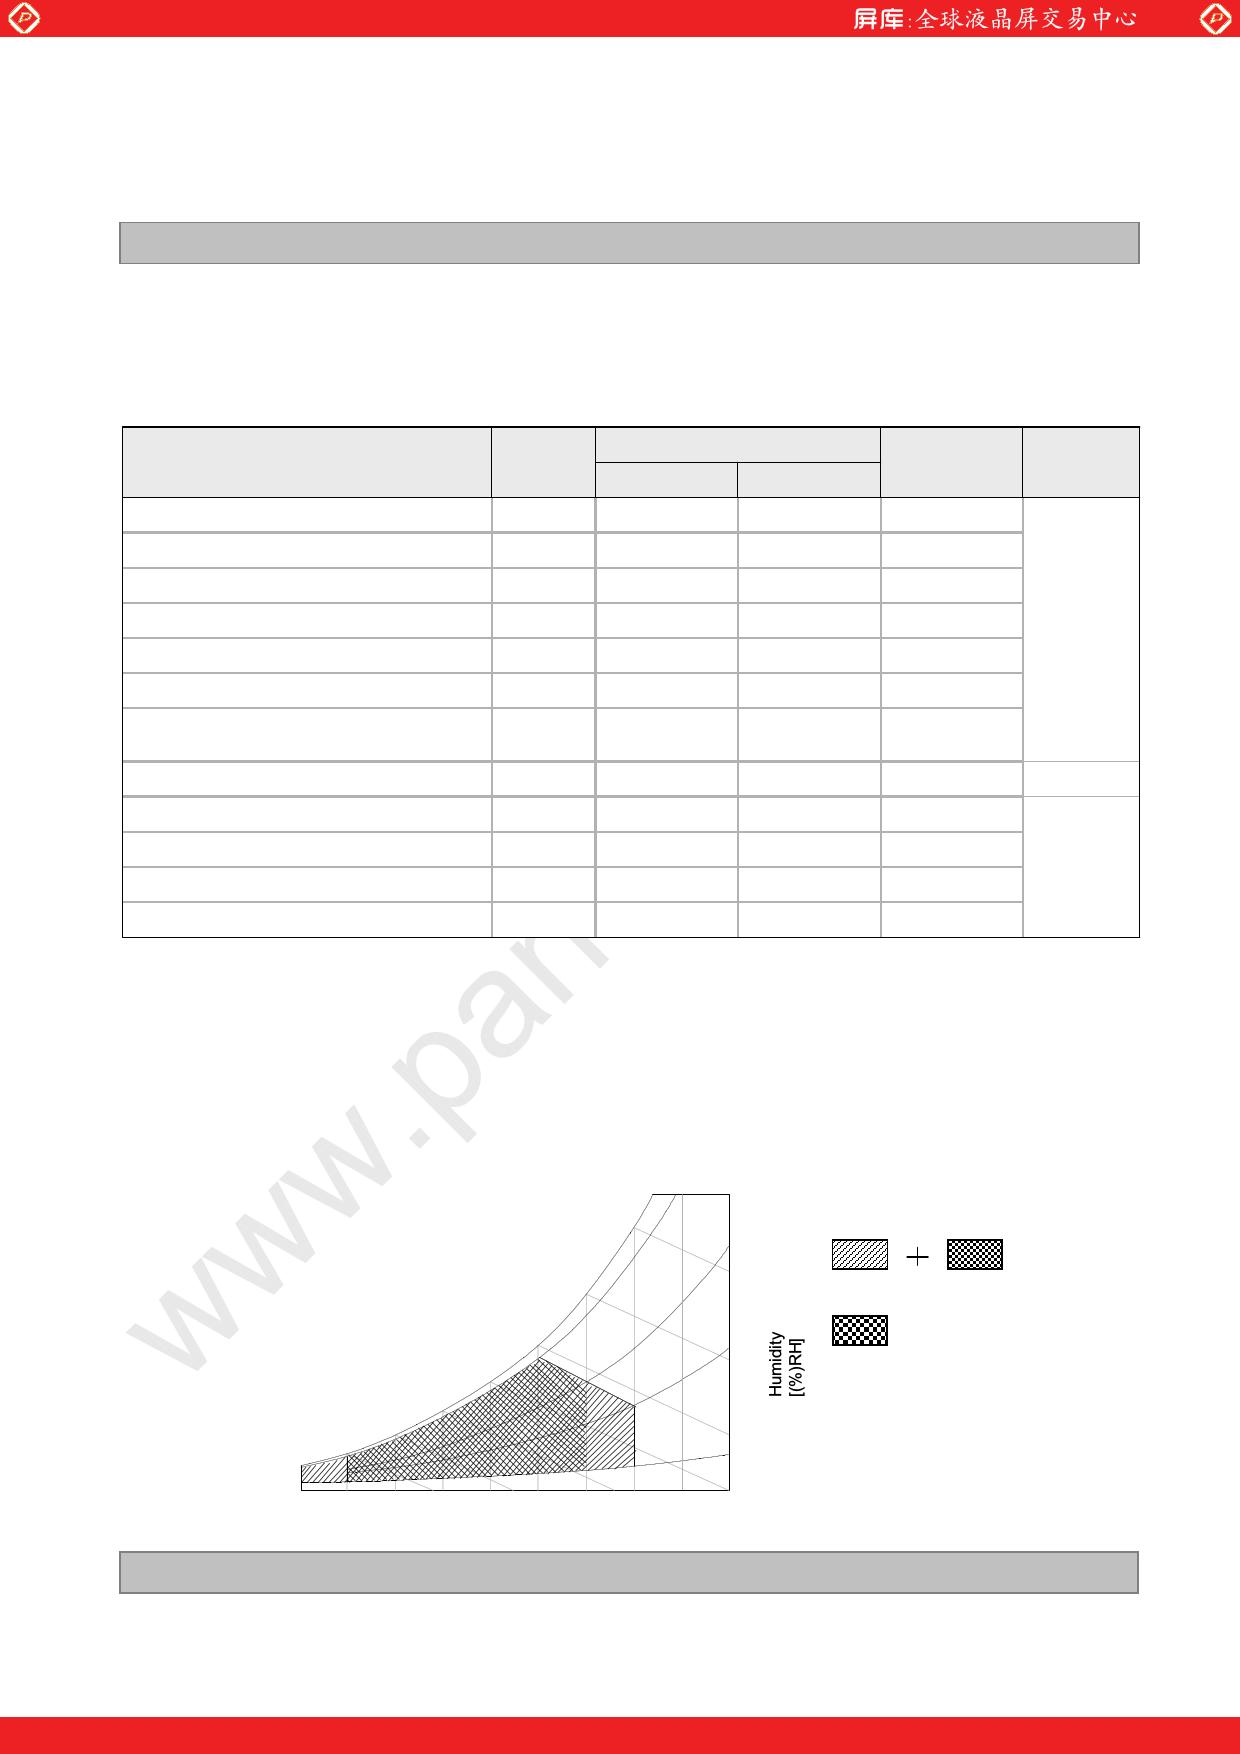 LC320WUG-SCA1 pdf